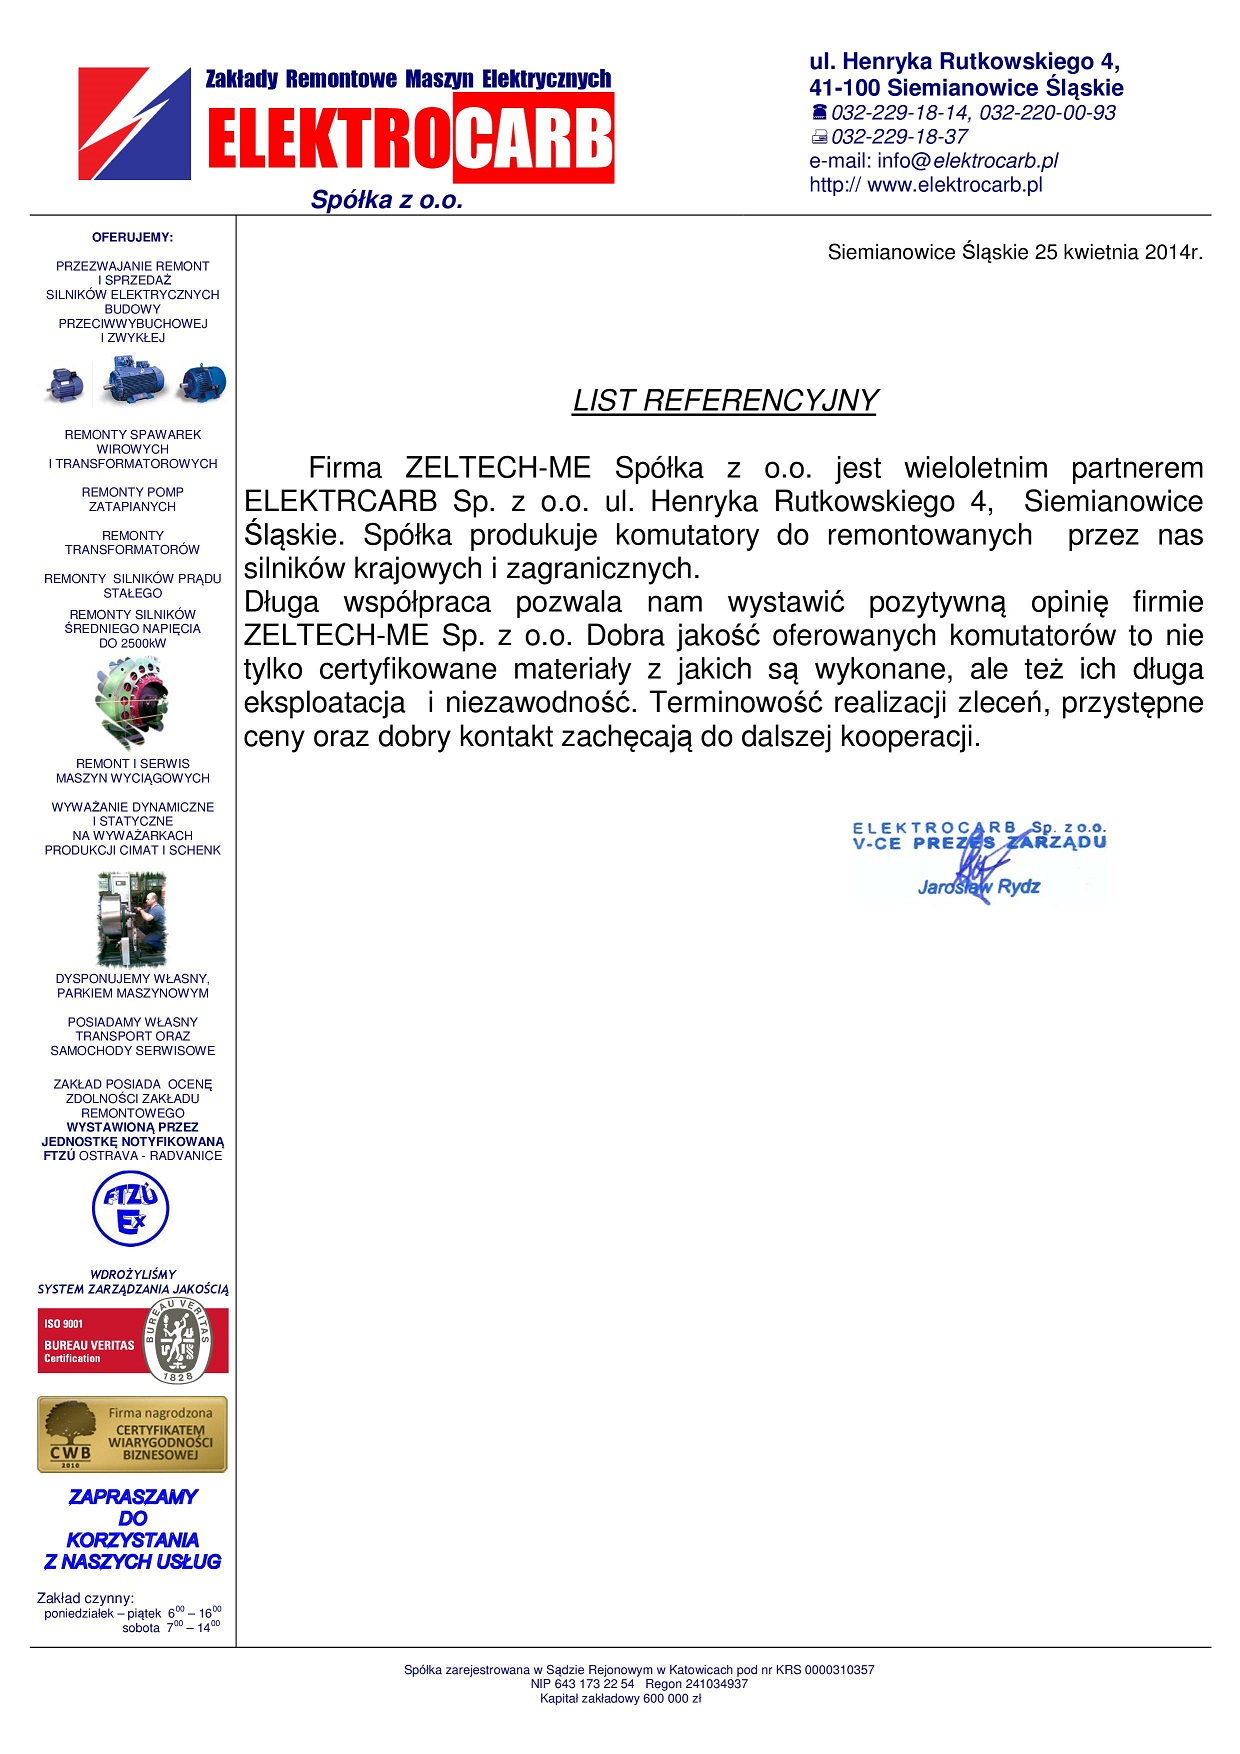 List Referencyjny ELEKTROCARB